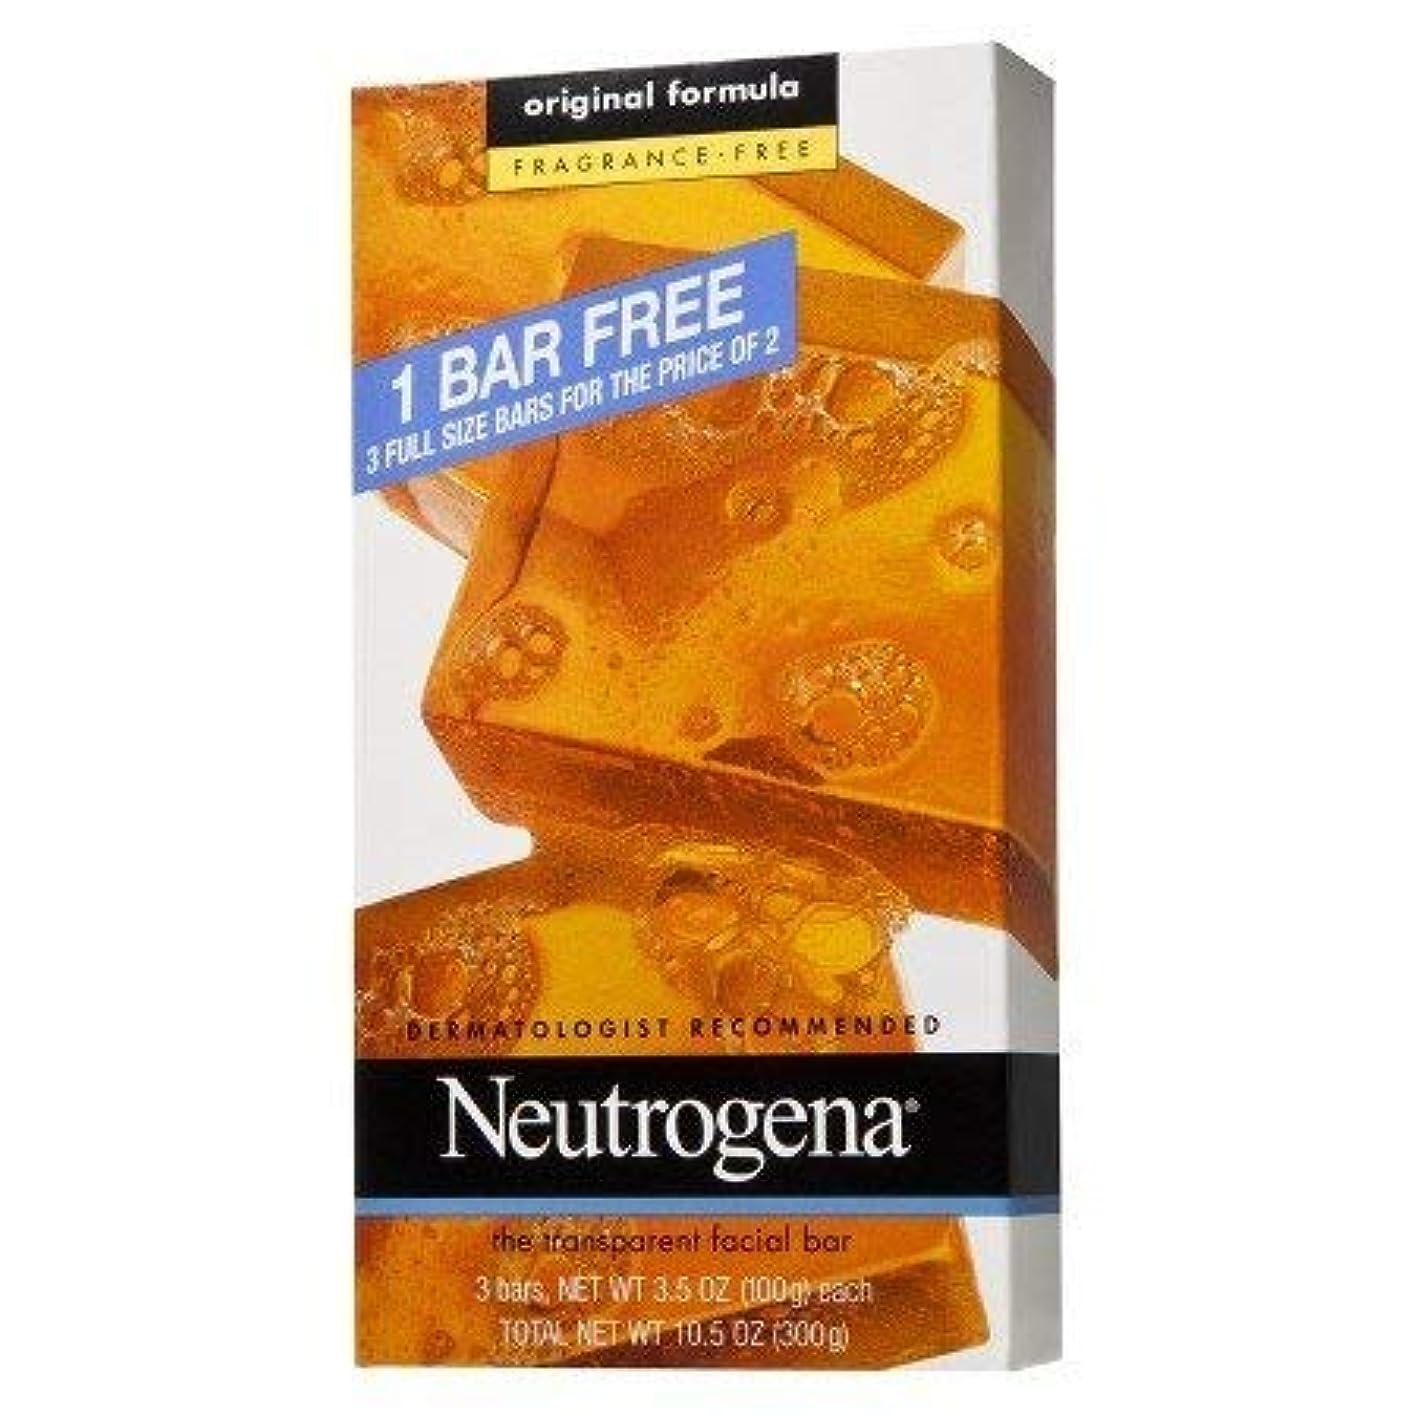 補償ナチュラ噴出するNeutrogena Facial Cleansing Bar ニュートロジーナ洗顔用石鹸フレグランスフリー 100gx3個 [並行輸入品]